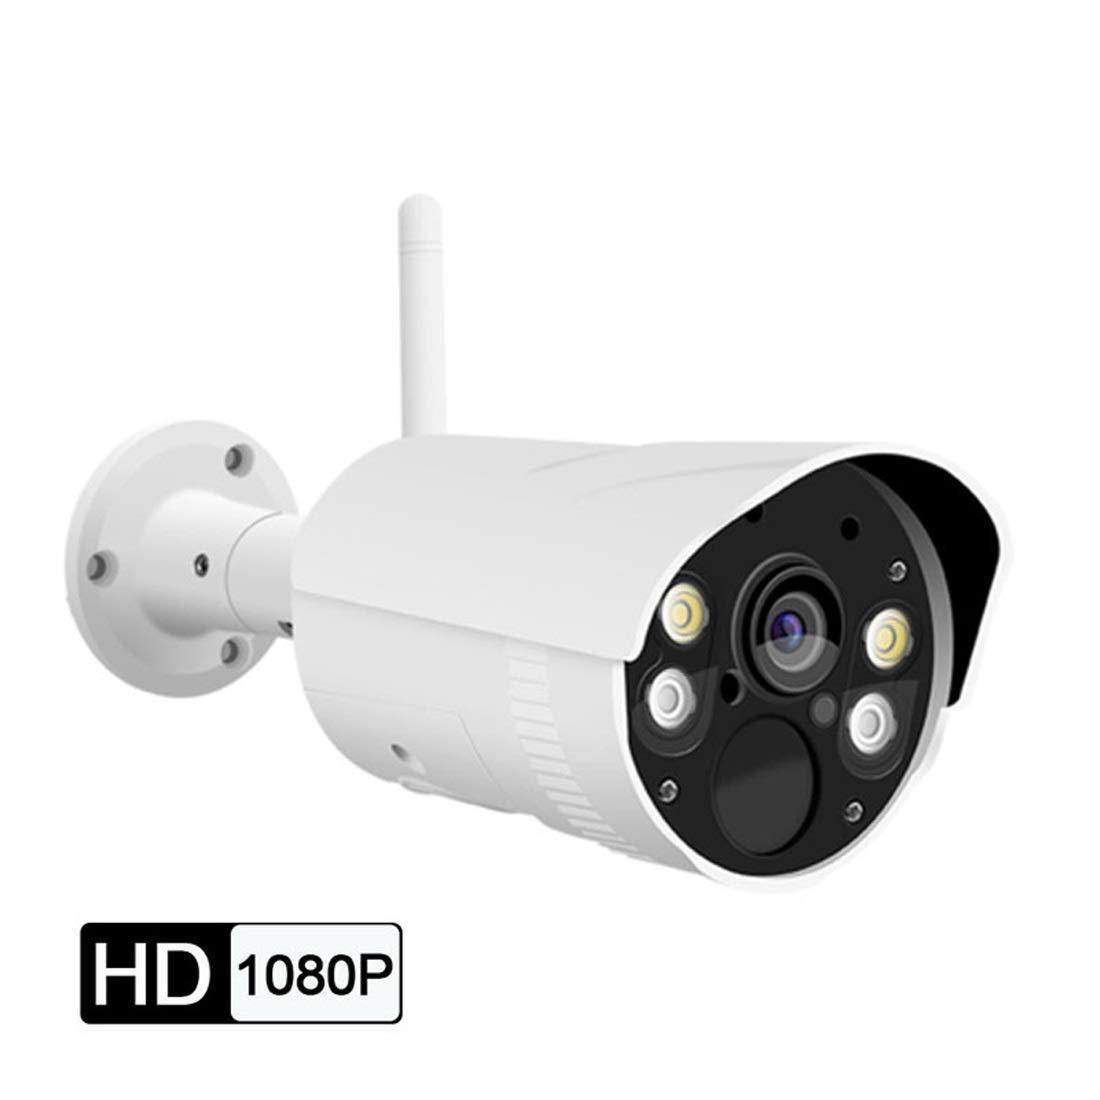 激安通販 LilyAngel ホワイト) ホワイト 屋外ワイヤレスカメラ1080 B07R3V5D41 PネットワークWifiモニターHDセット監視カメラ (色 : ホワイト) ホワイト B07R3V5D41, ブランド買取販売 BRING:8cbe4e38 --- dou13magadan.ru